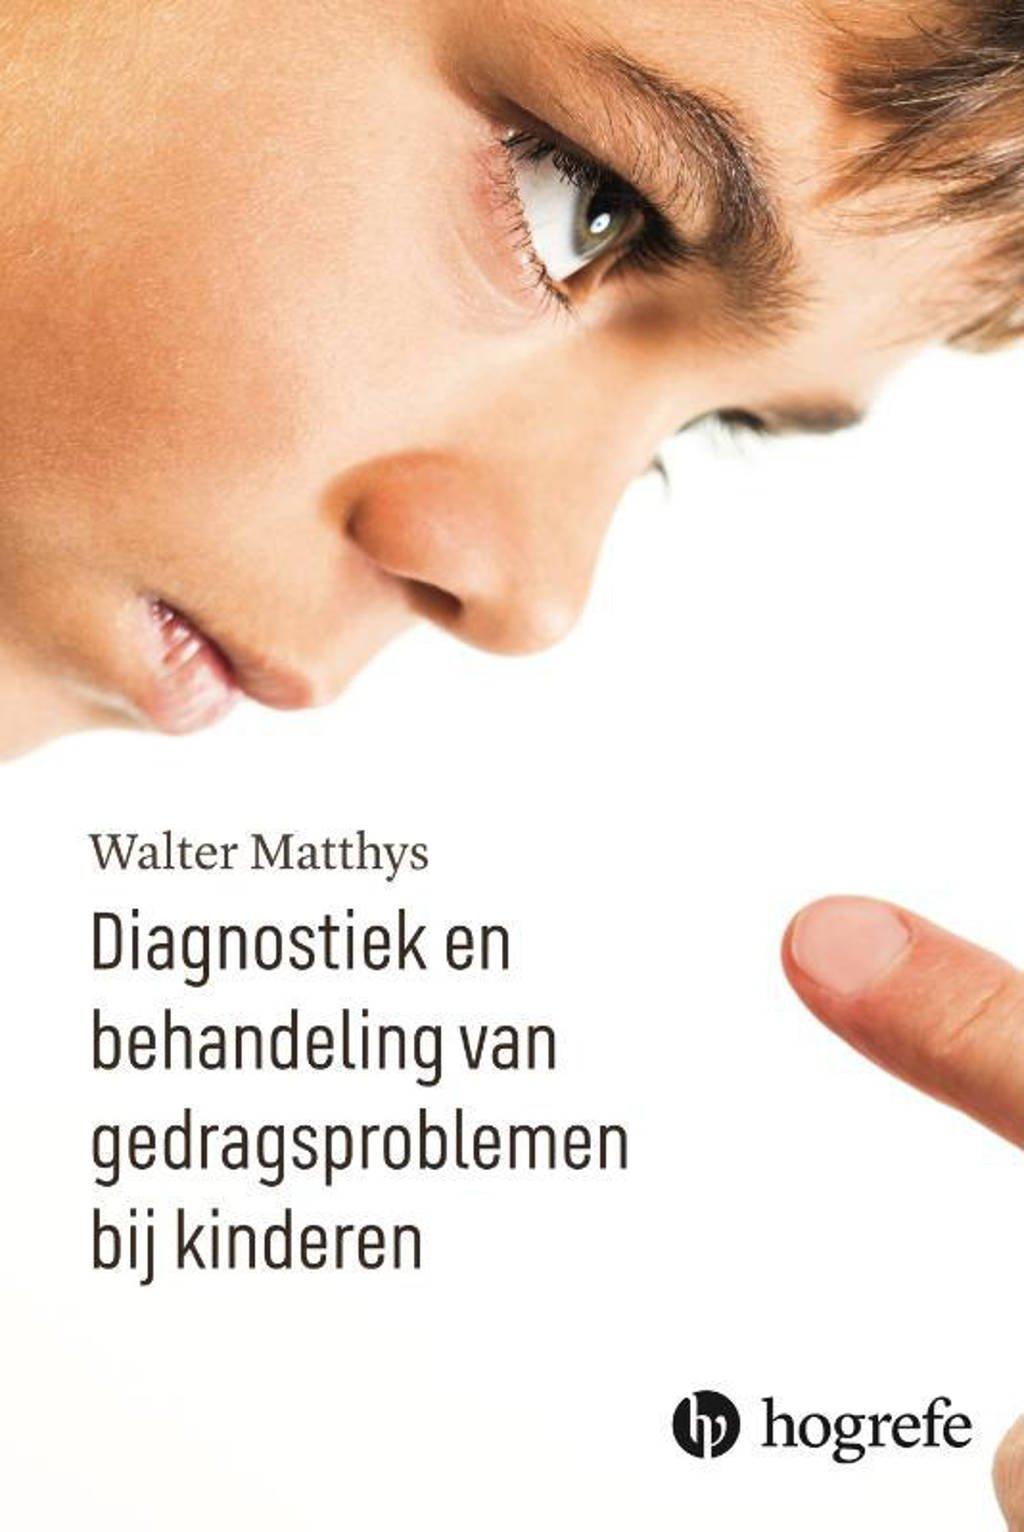 Diagnostiek en behandeling van gedragsproblemen bij kinderen - Walter Matthys